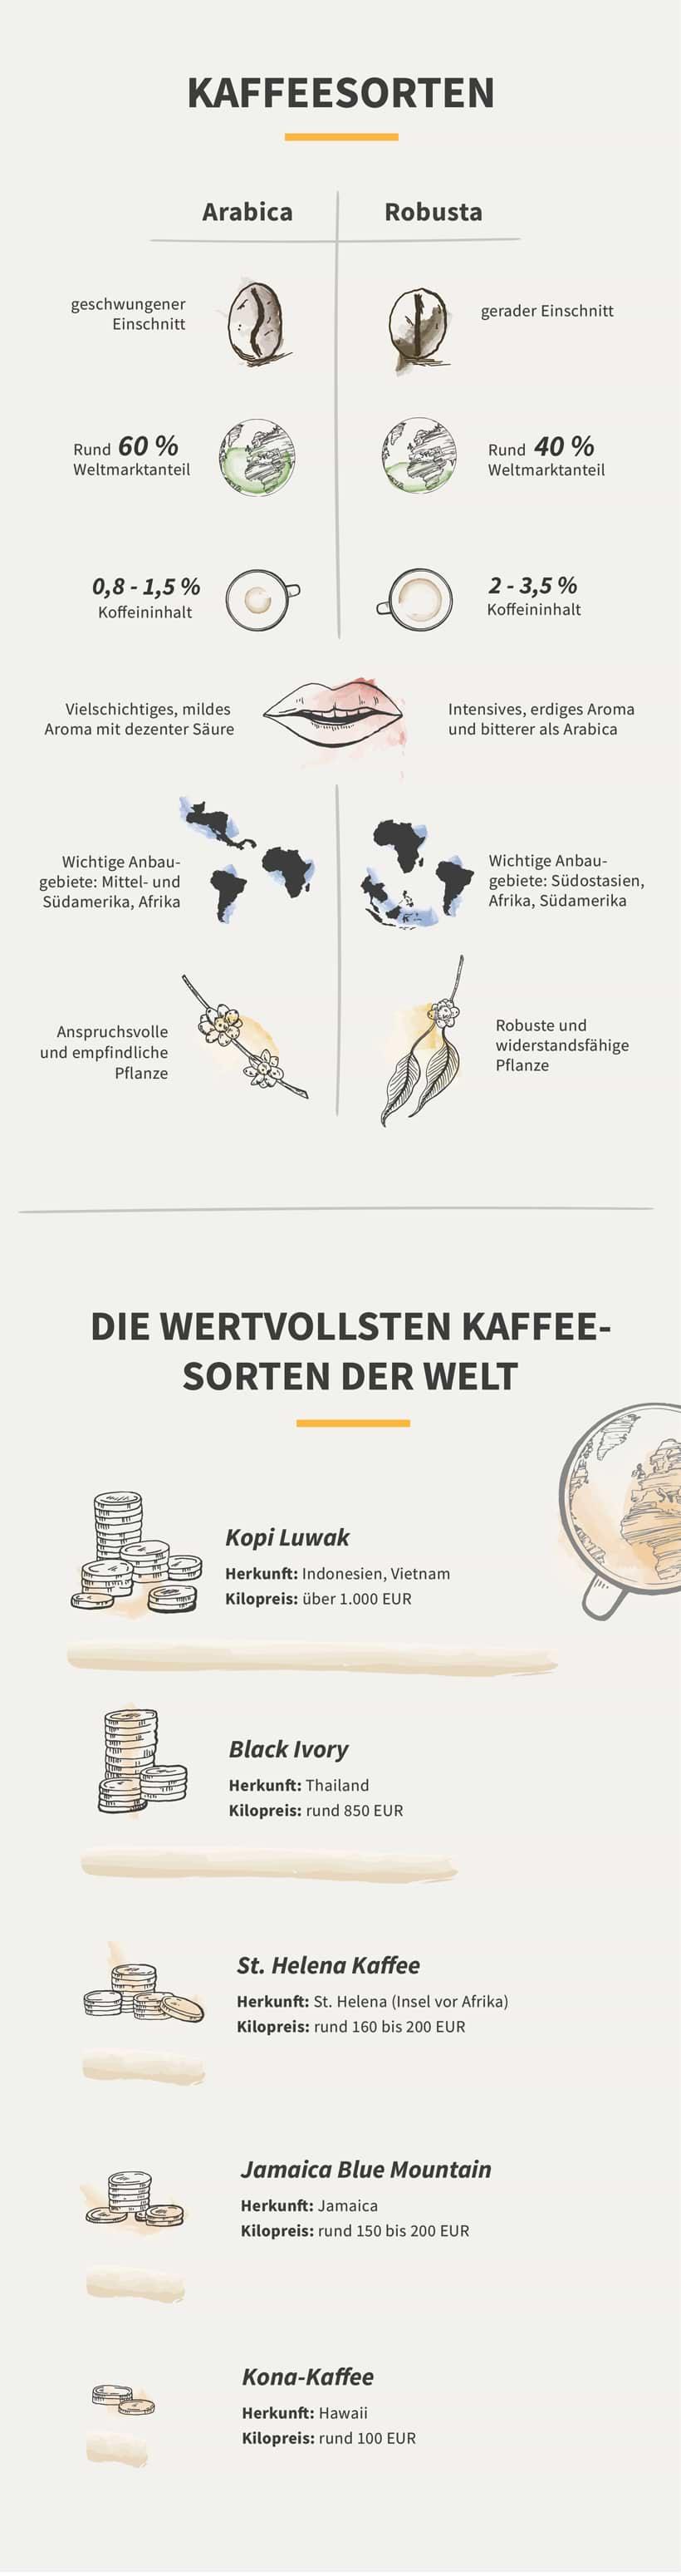 Infografik zu Kaffeesorten